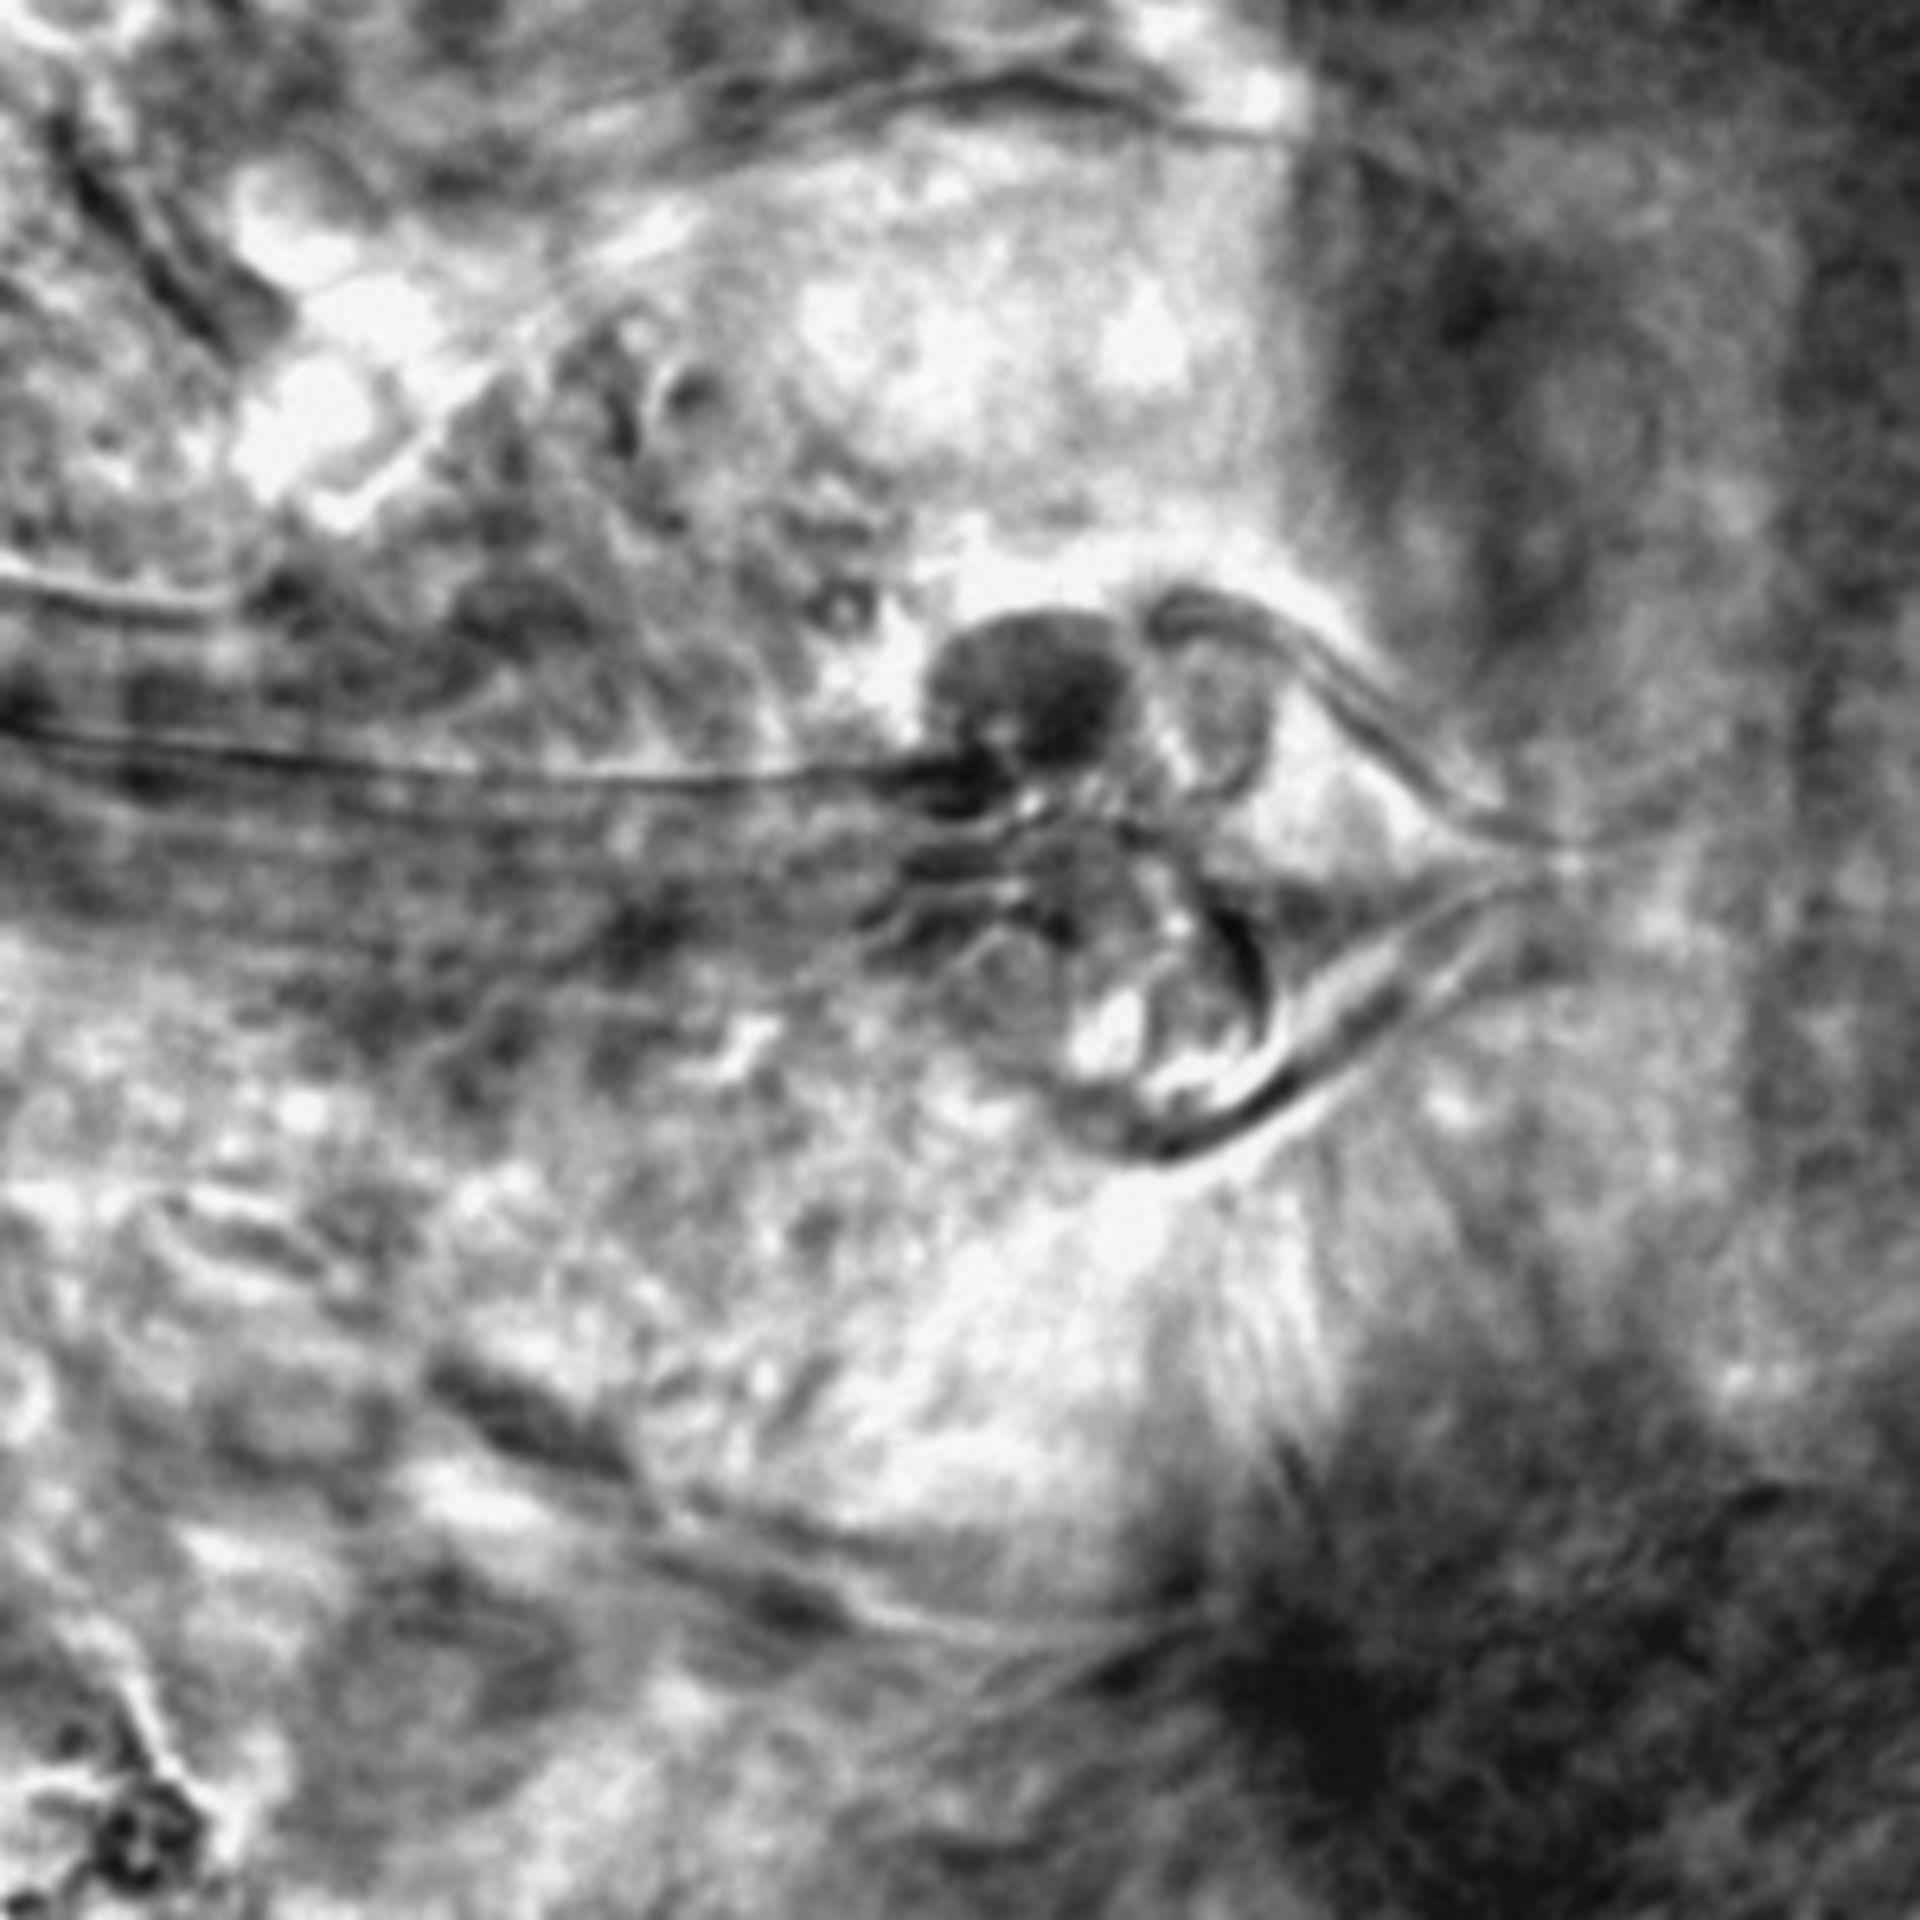 Caenorhabditis elegans - CIL:2544